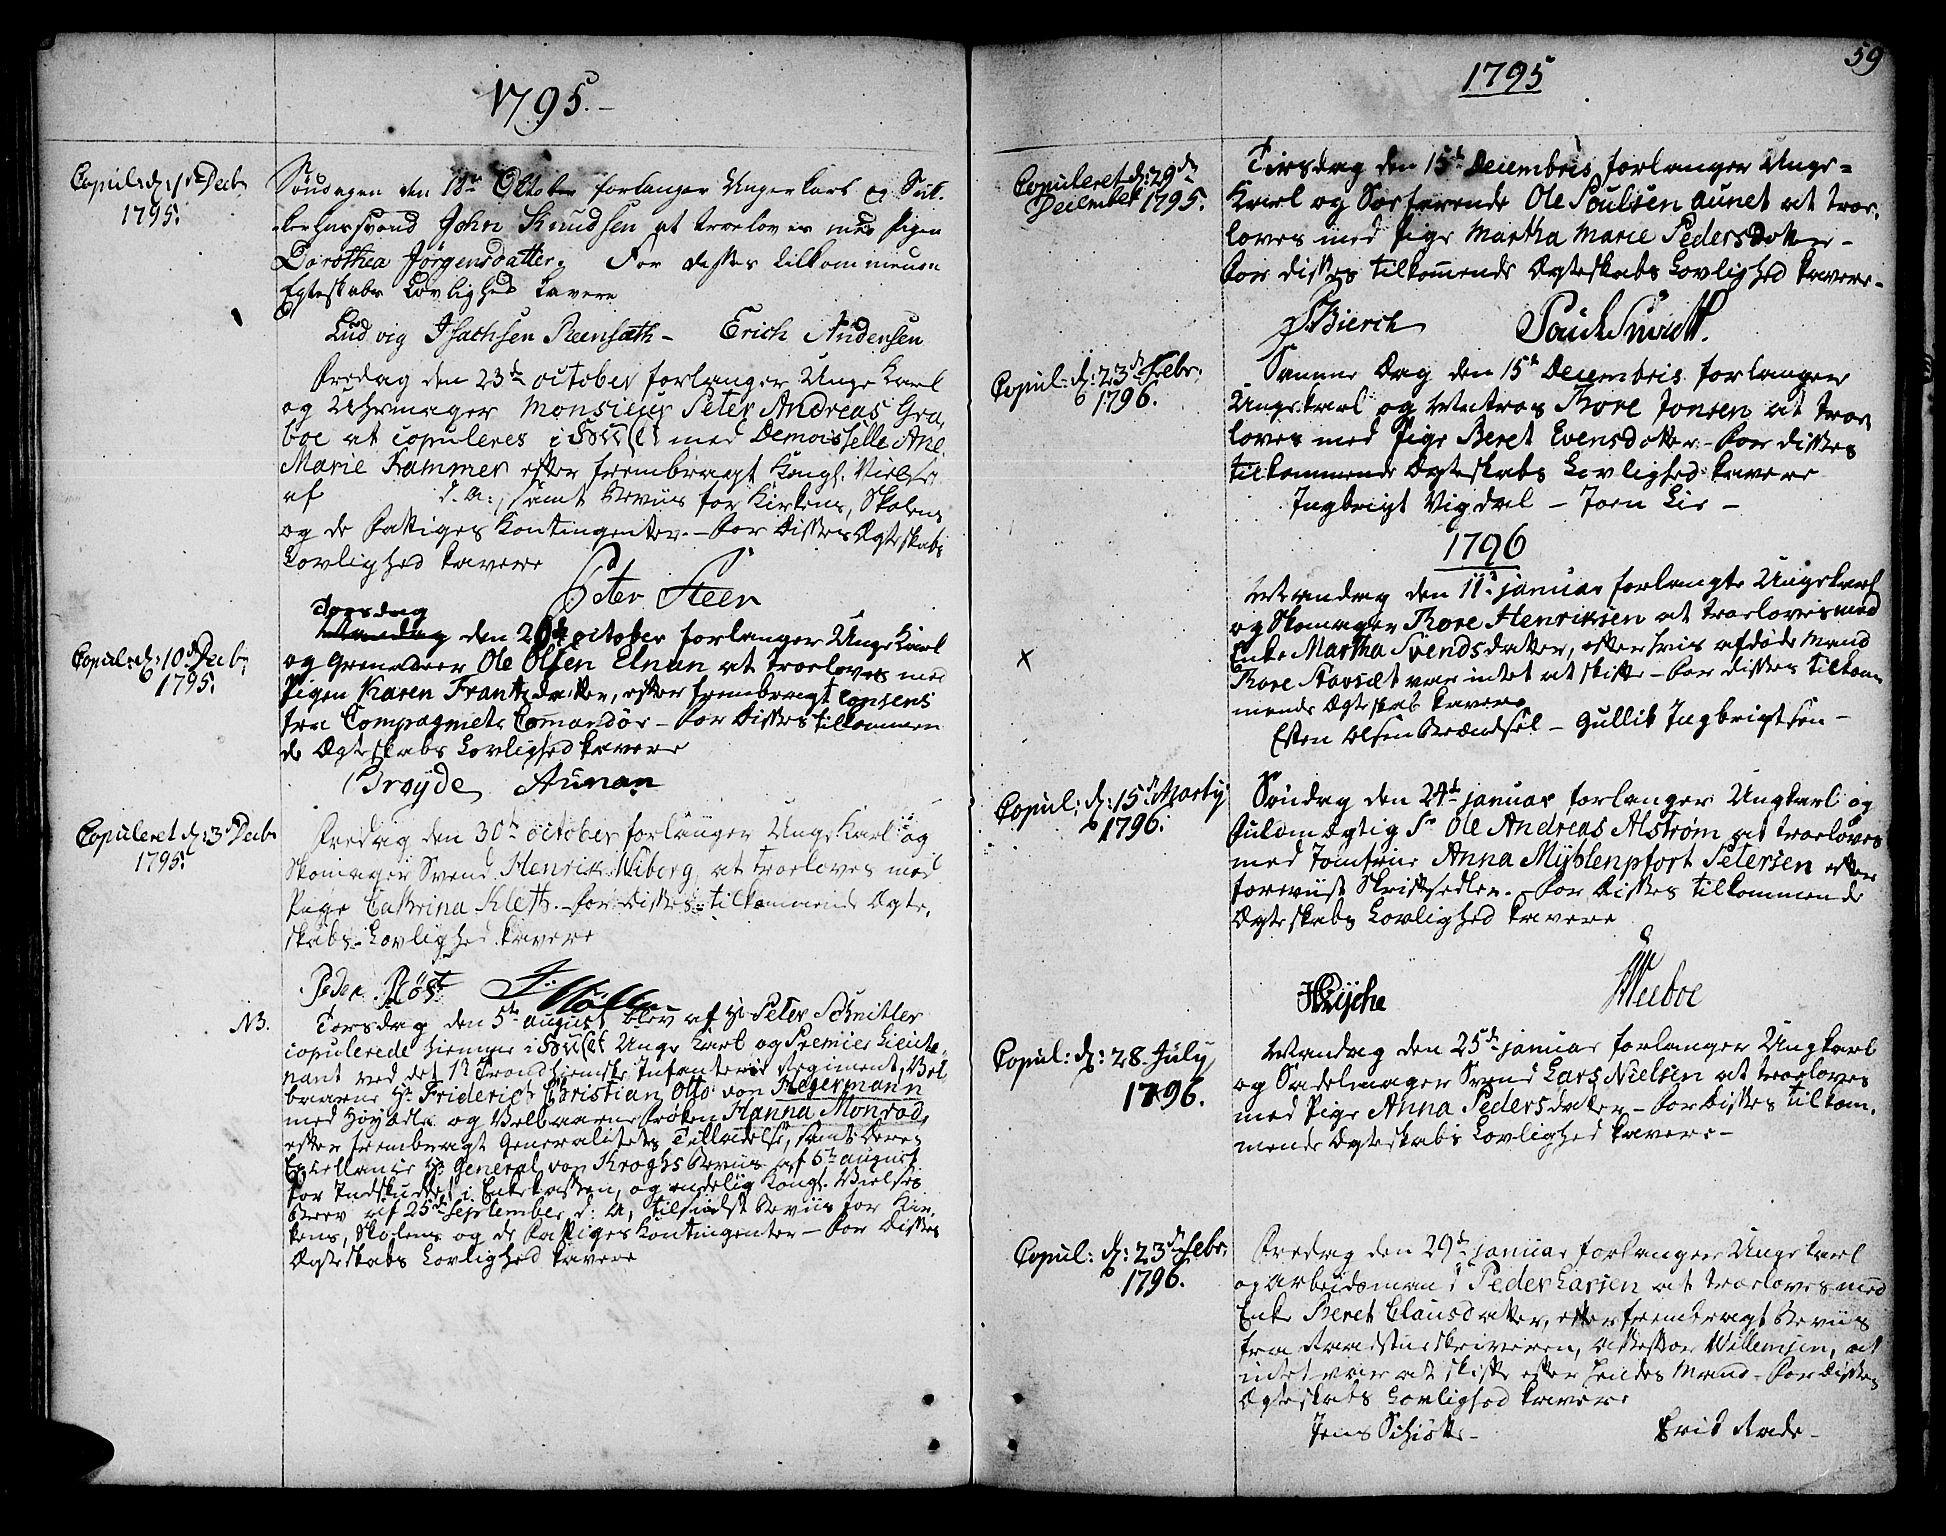 SAT, Ministerialprotokoller, klokkerbøker og fødselsregistre - Sør-Trøndelag, 601/L0041: Ministerialbok nr. 601A09, 1784-1801, s. 59